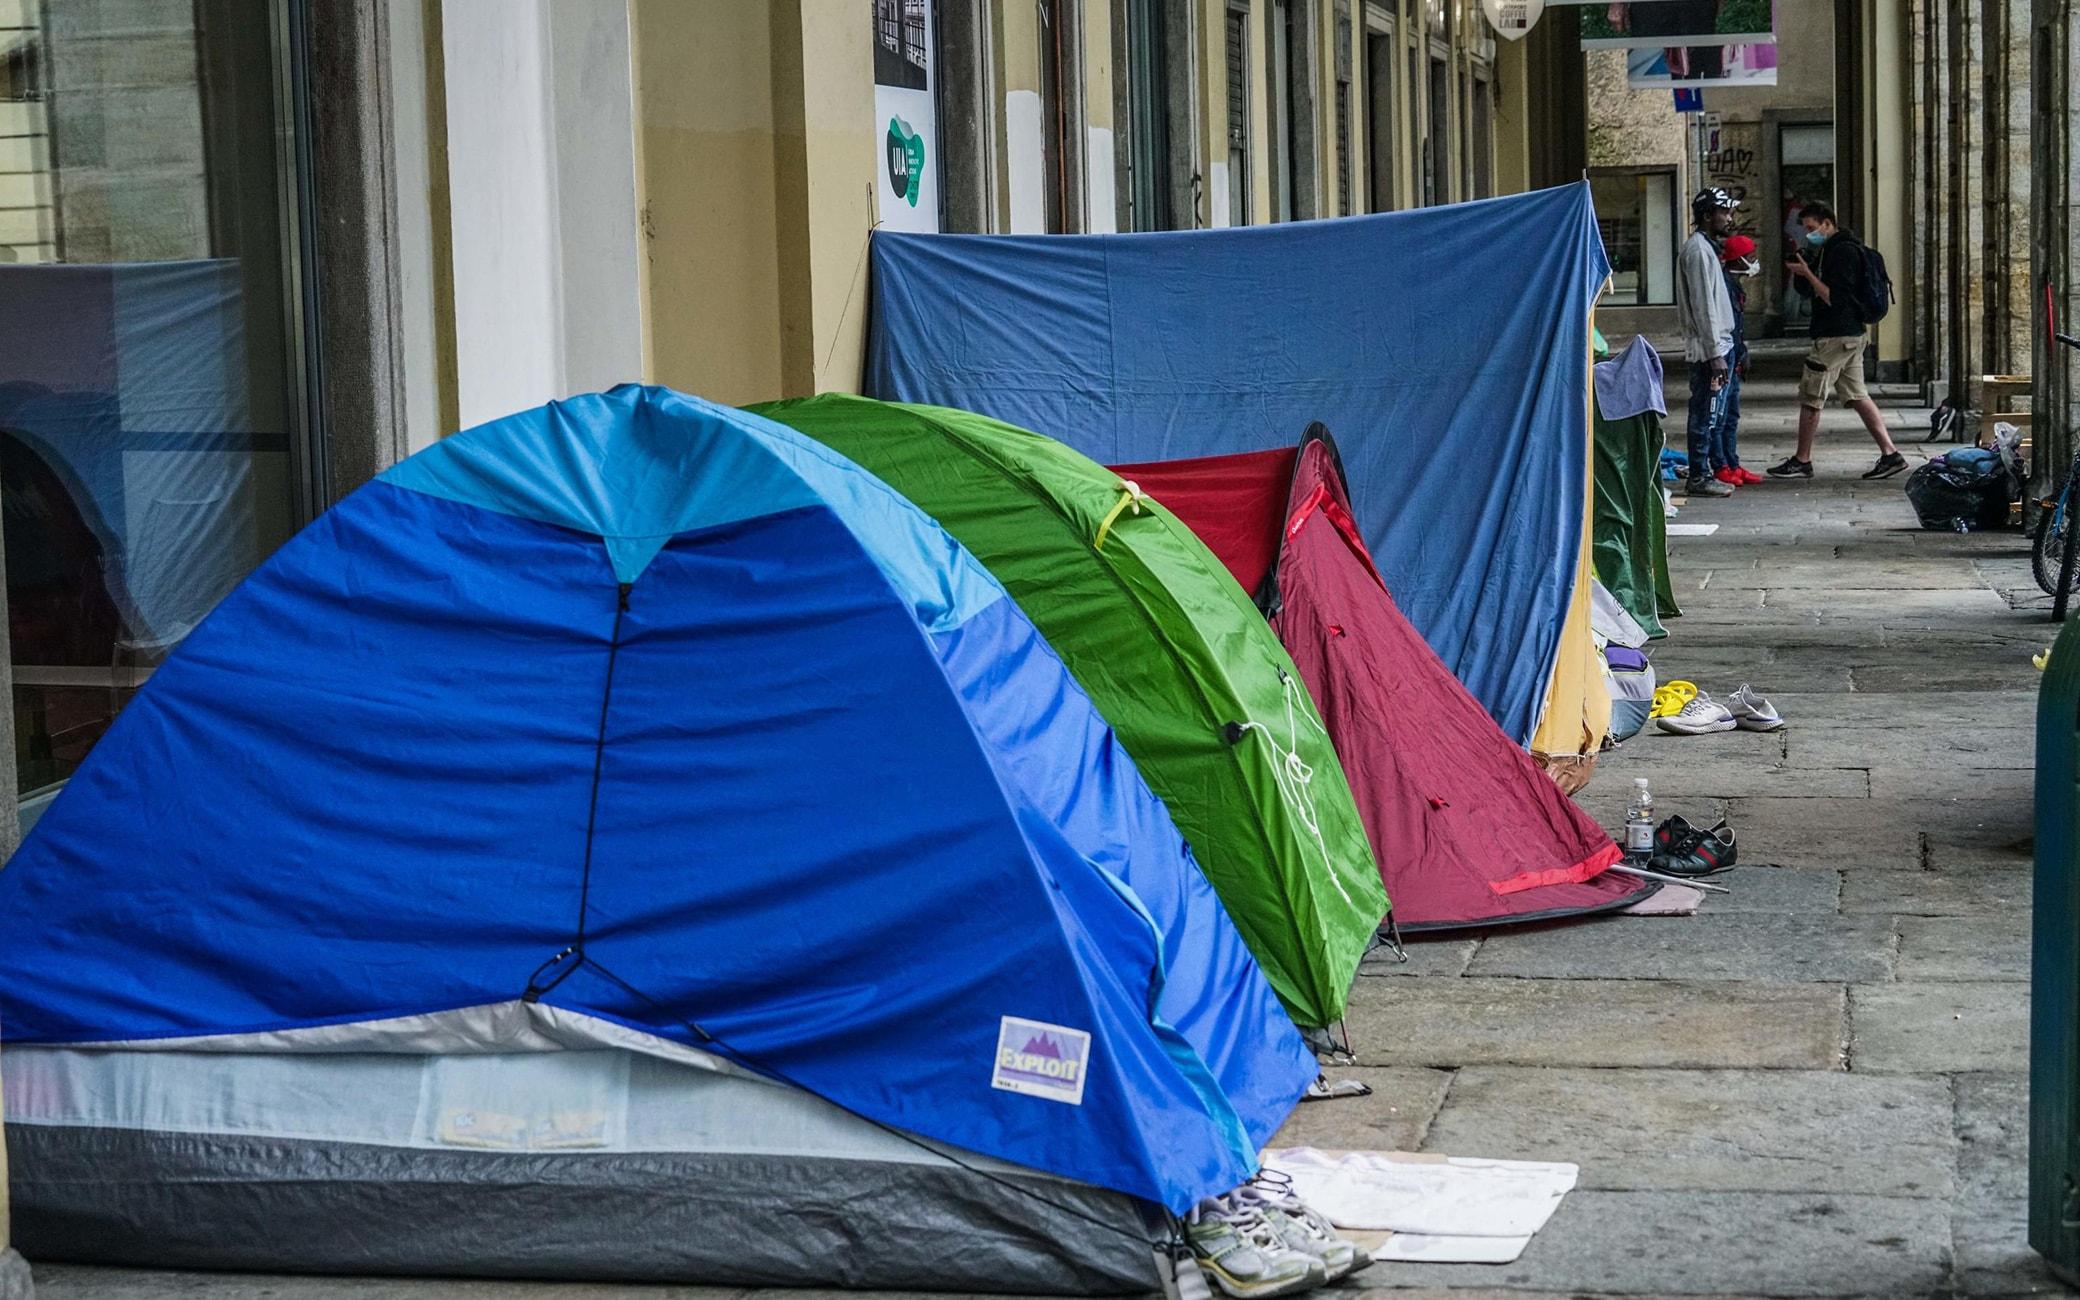 Continua la protesta dei senzatetto sotto al comune dopo lo sfratto dal sito di piazza d'Armi, Torino, 11 maggio 2020. ANSA/TINO ROMANO